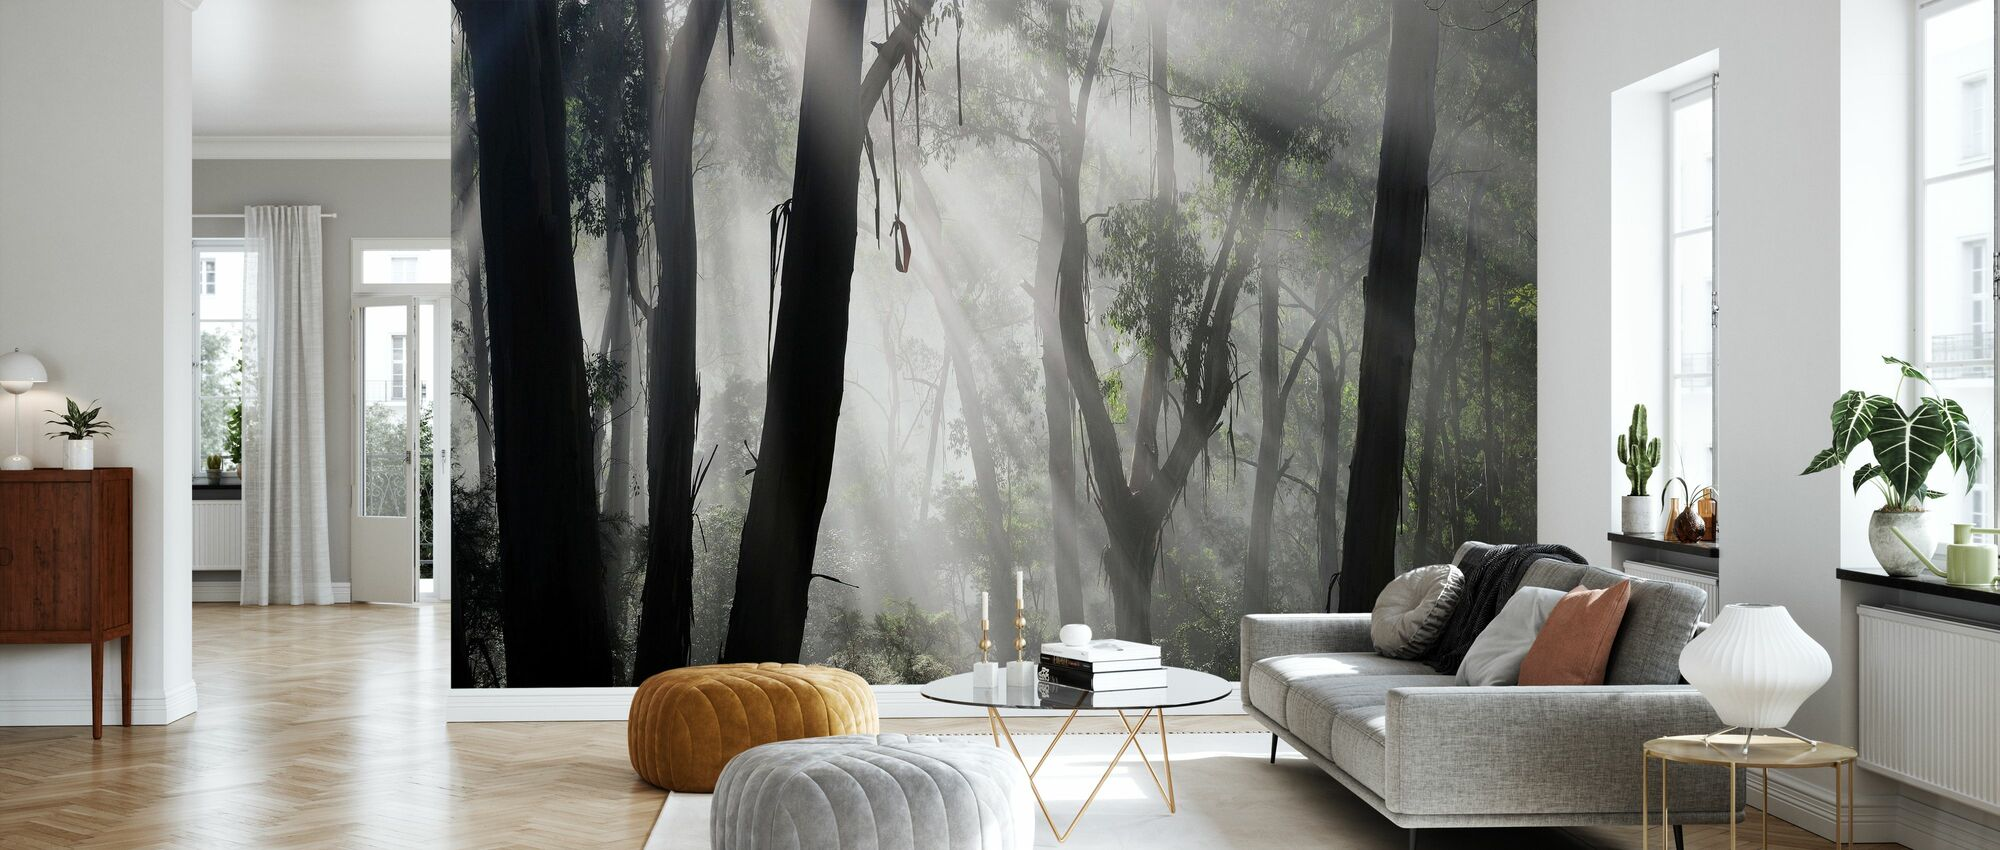 Eucalypt Forest Fog - Wallpaper - Living Room